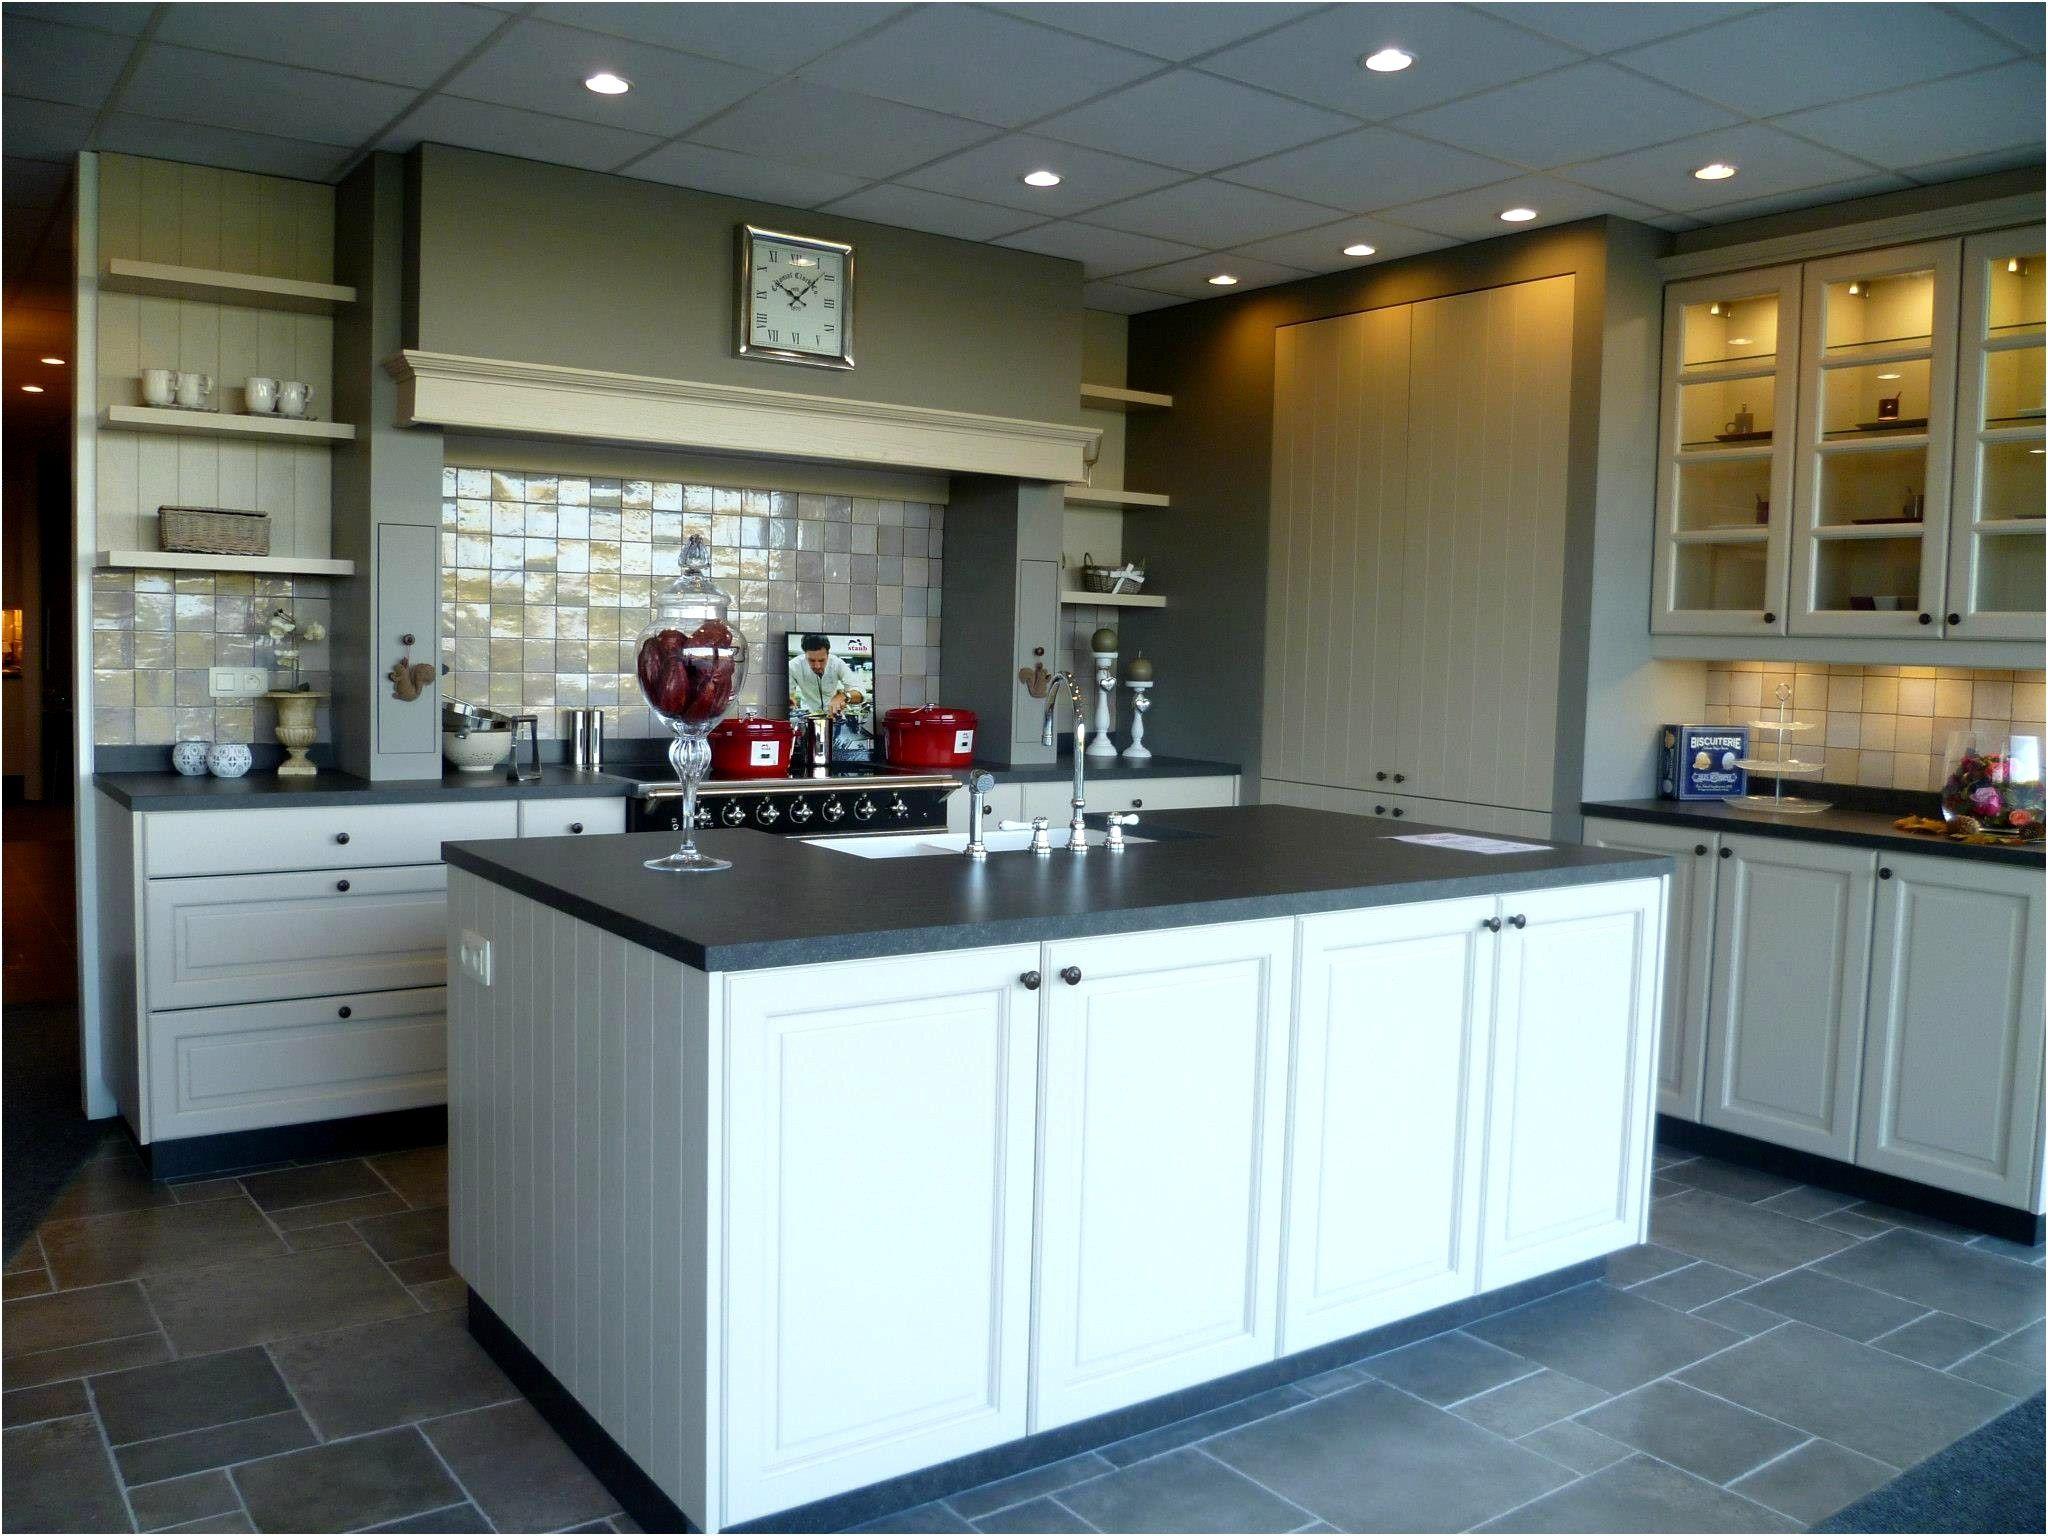 Ikea Keuken Installeren : 50 amazing fotos van ikea keuken installeren prijs kitchen seasons